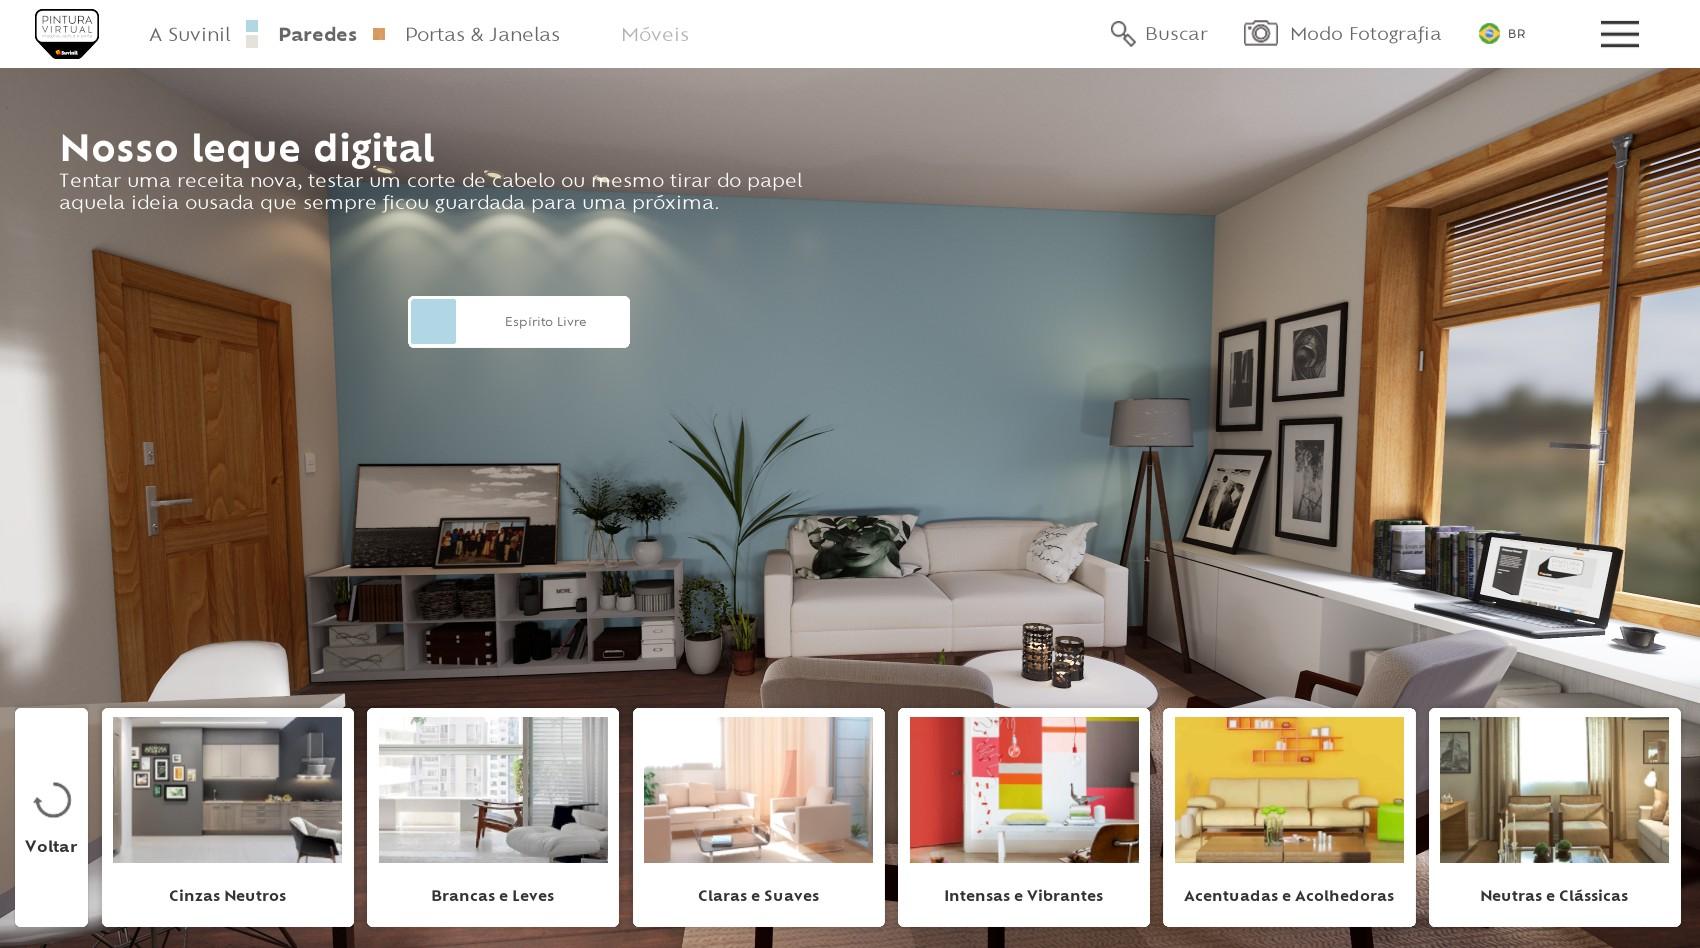 Leque Digital Suvinil com a seleção de familia de cores no Pintura Virtual.